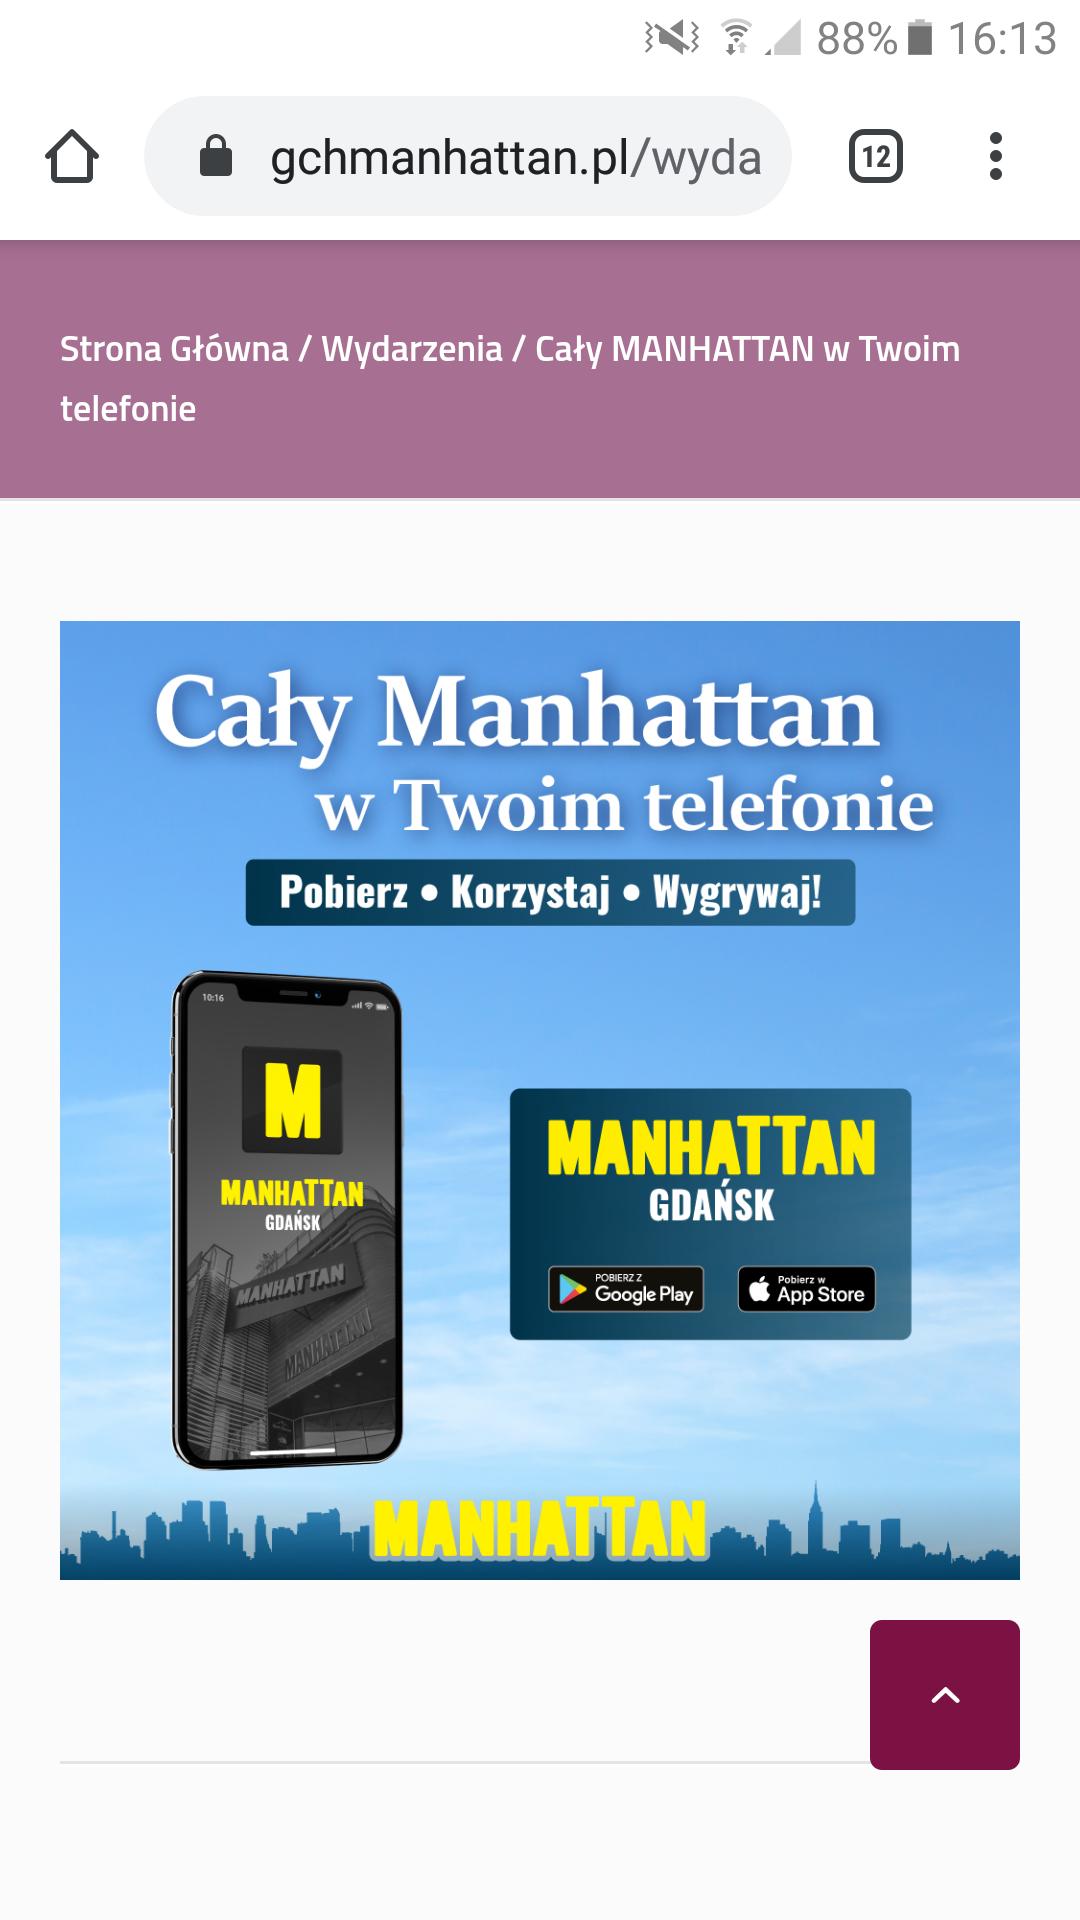 Cały Manhattan w Twoim Telefonie - zbieraj i wymieniaj